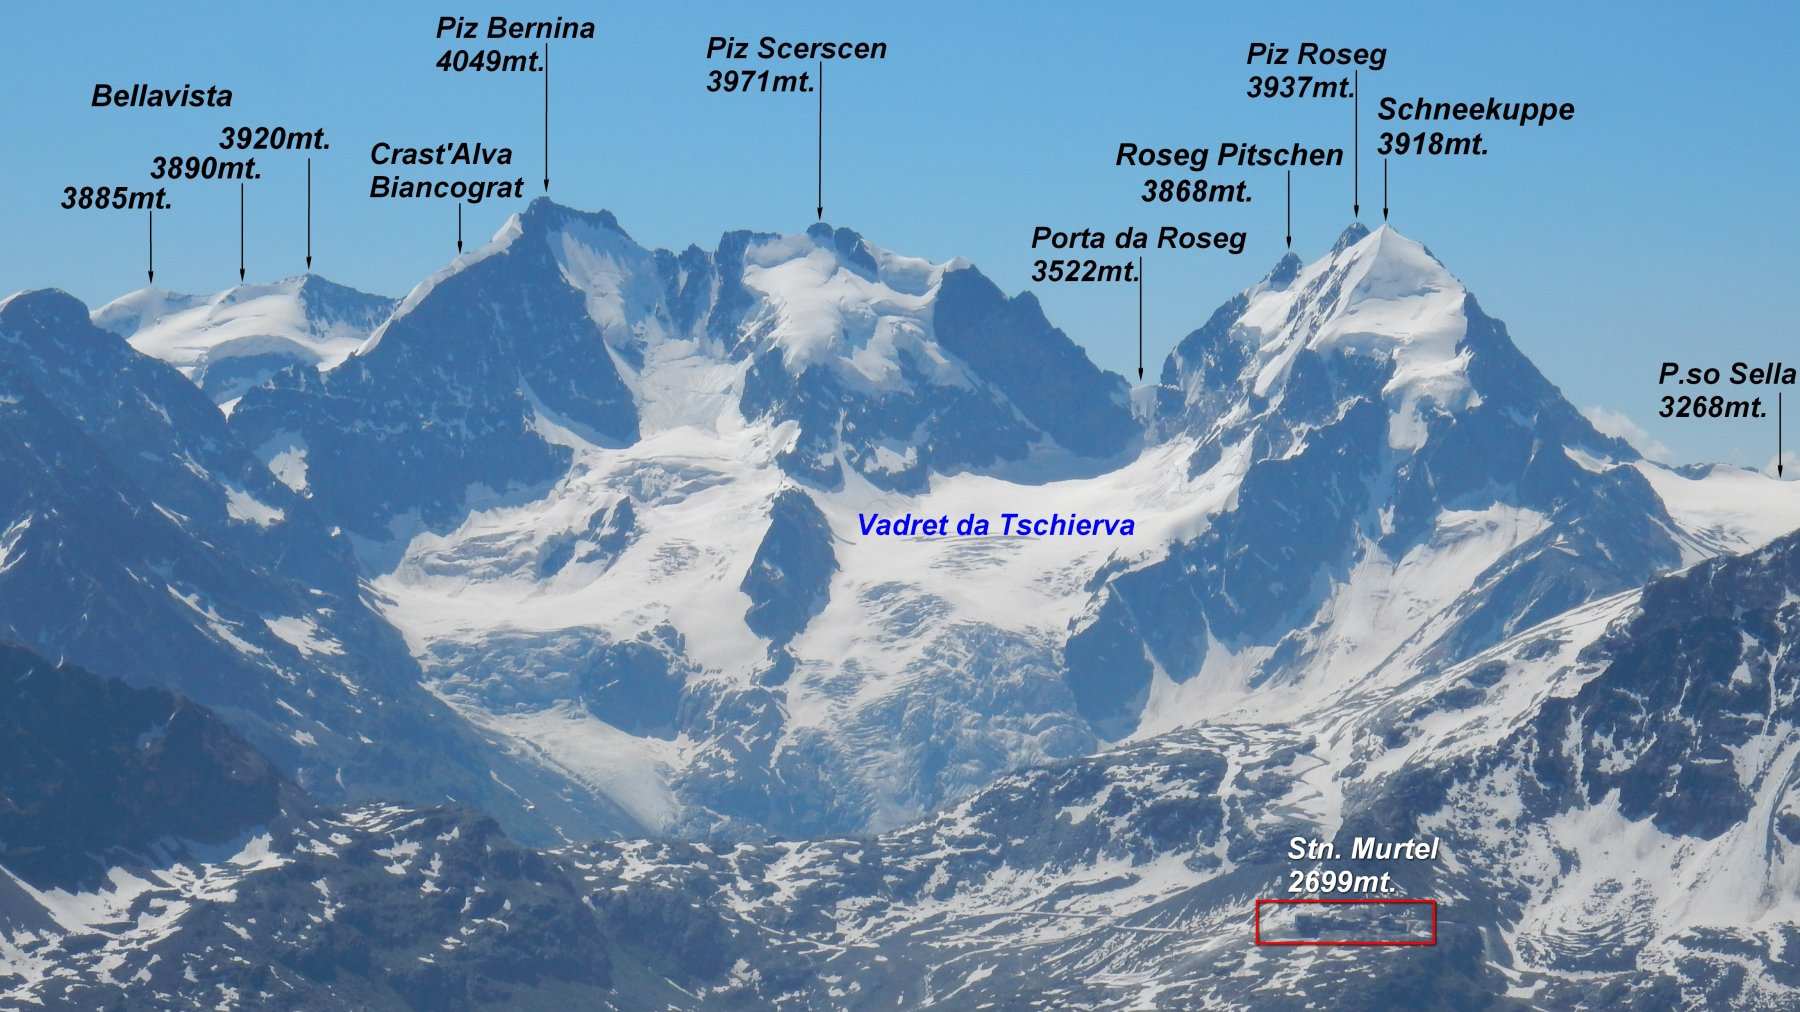 Panorama sul gruppo del Bernina zoomato.